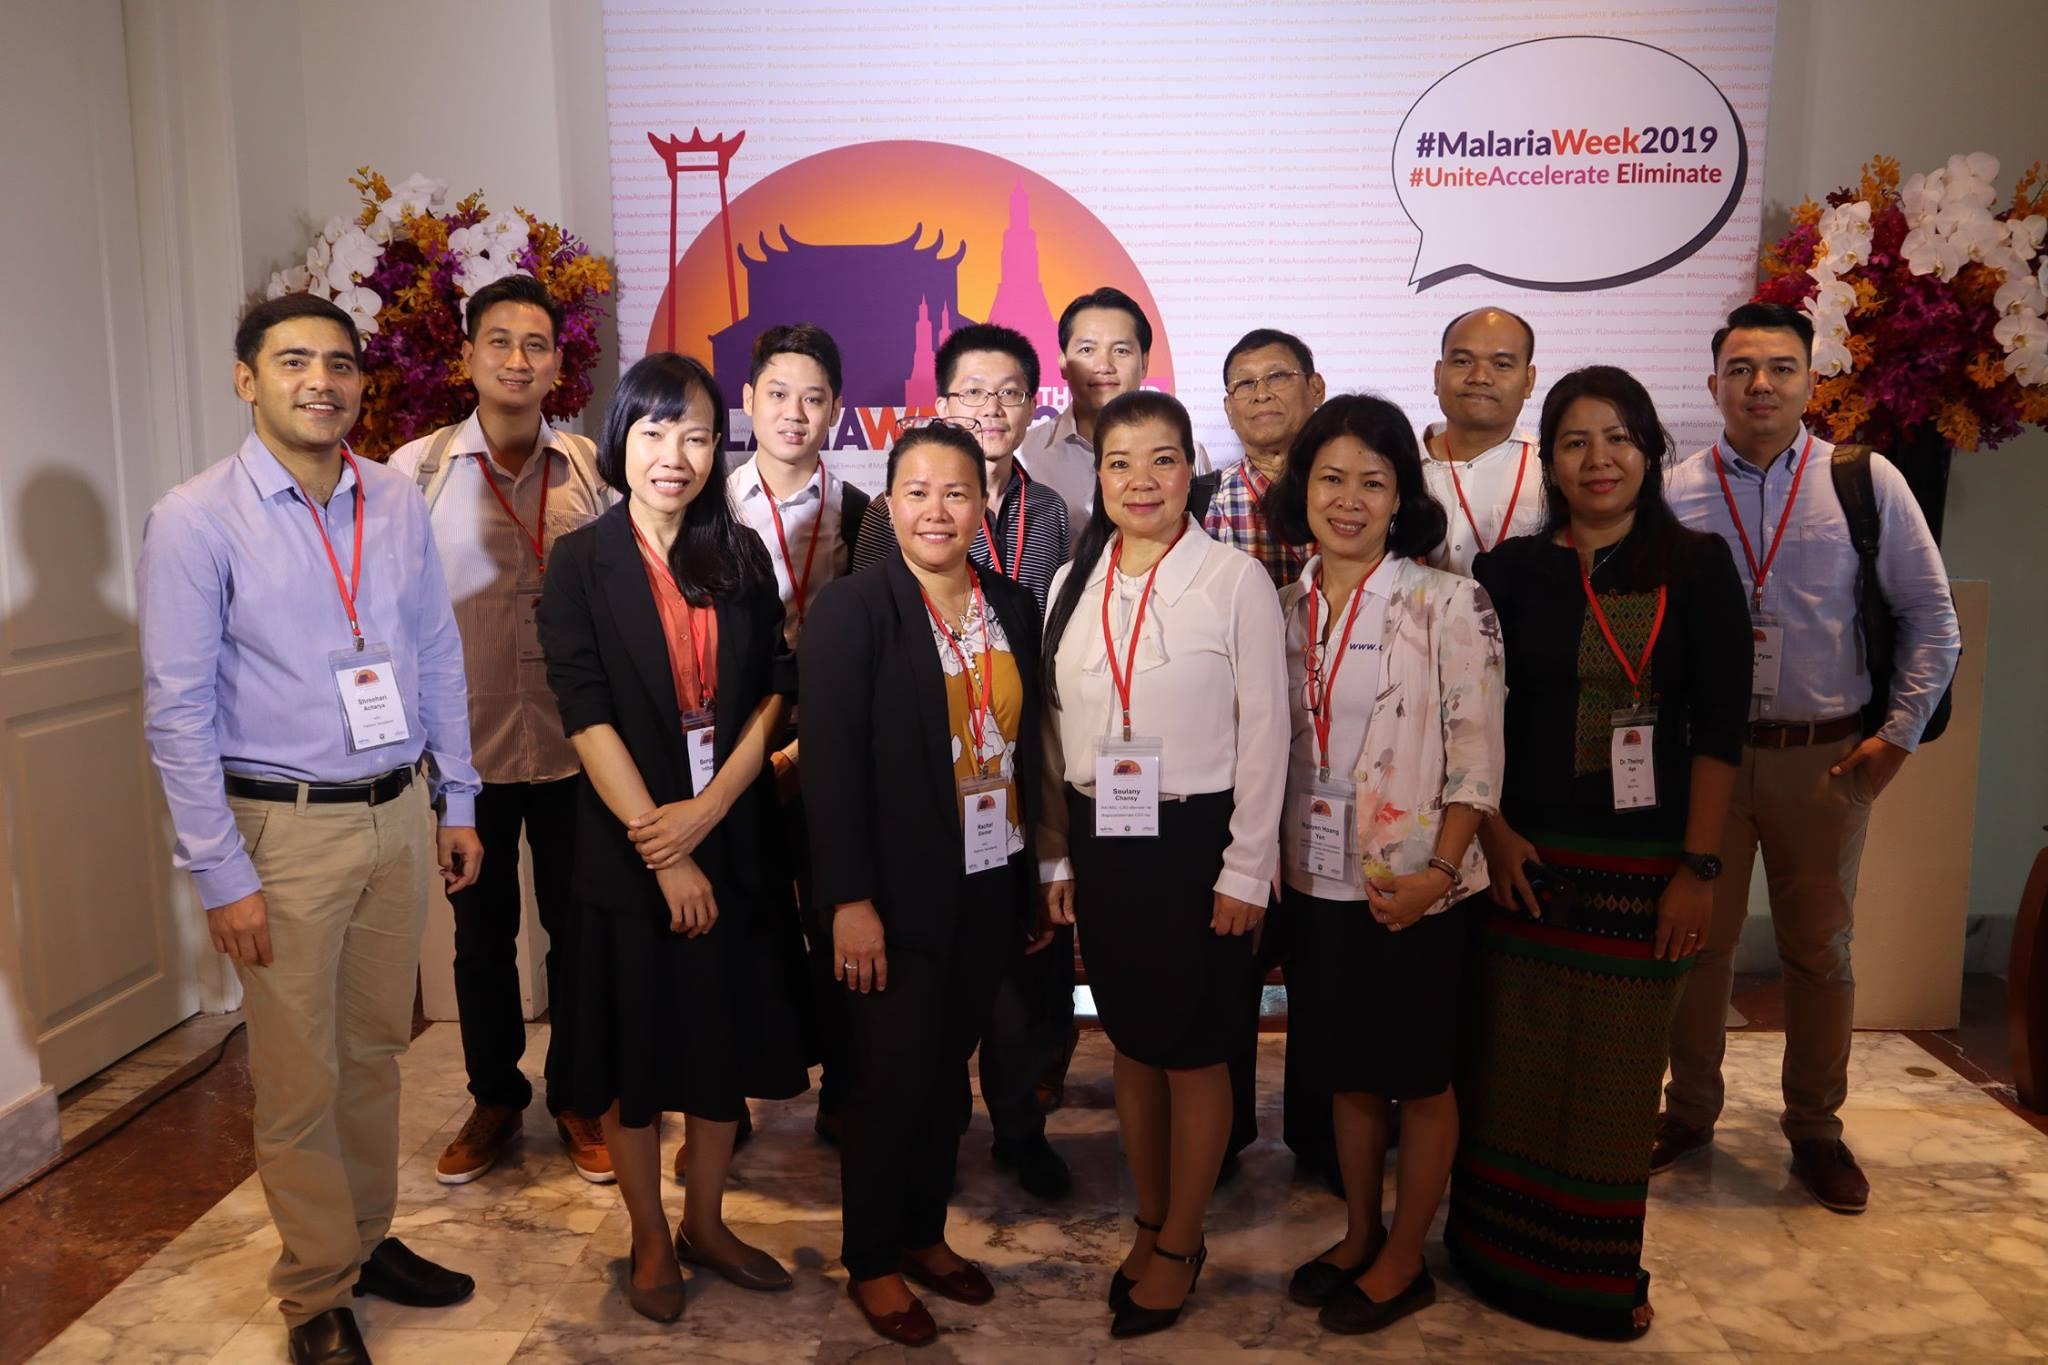 Một số thành viên và tổ chức tích cực trong mạng lưới các tổ chức làm về phòng chống và loại trừ sốt rét trong khu vực